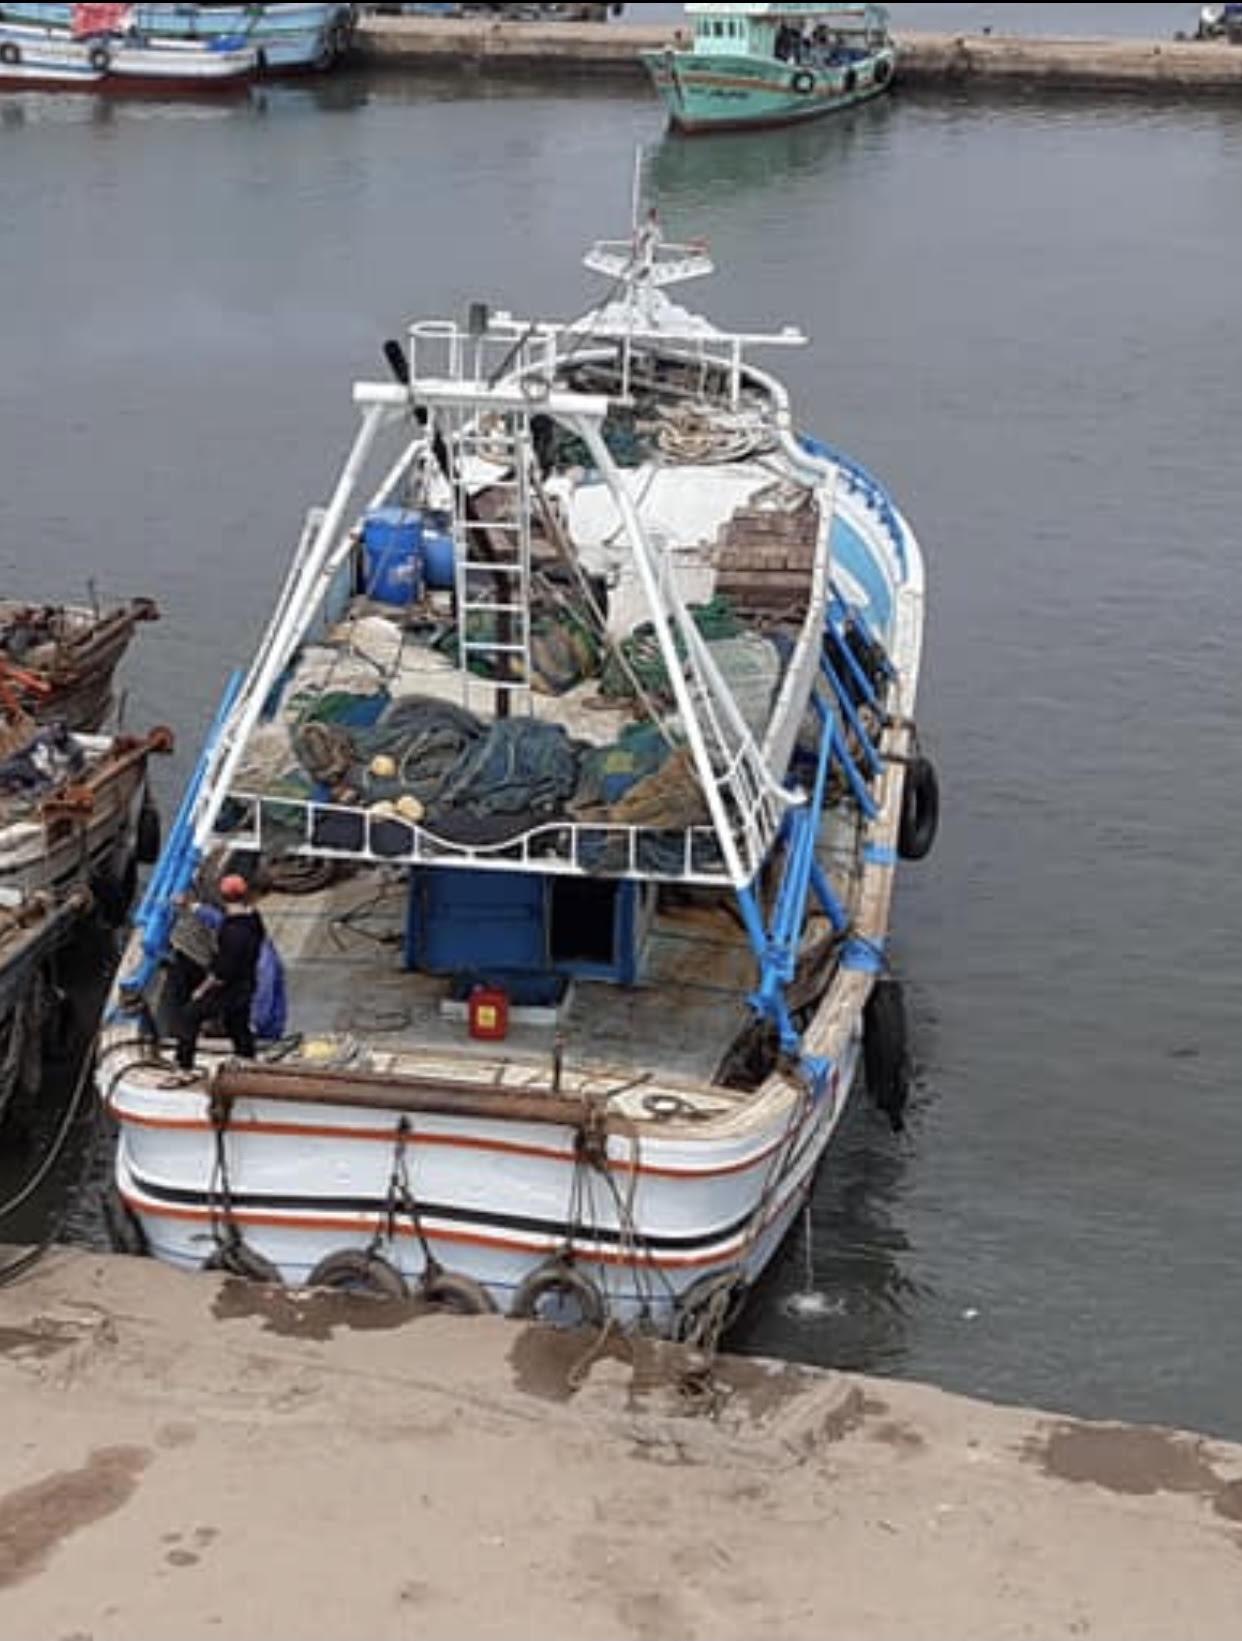 استئناف الملاحة بميناء الصيد بالبرلس